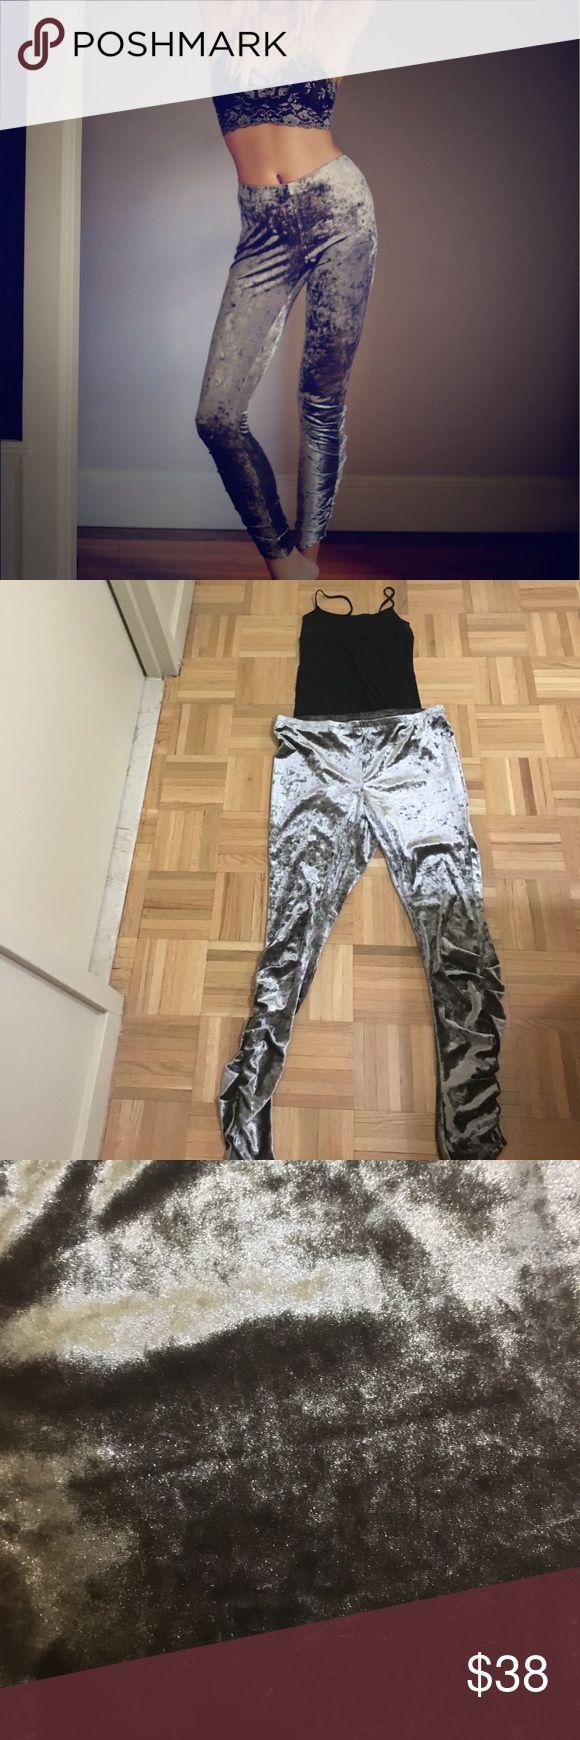 Free People Velvet Metallic Silver Leggings Large, silver metallic velvet leggings from Free People. Never worn.90% polyester 10% spandex Free People Pants Leggings